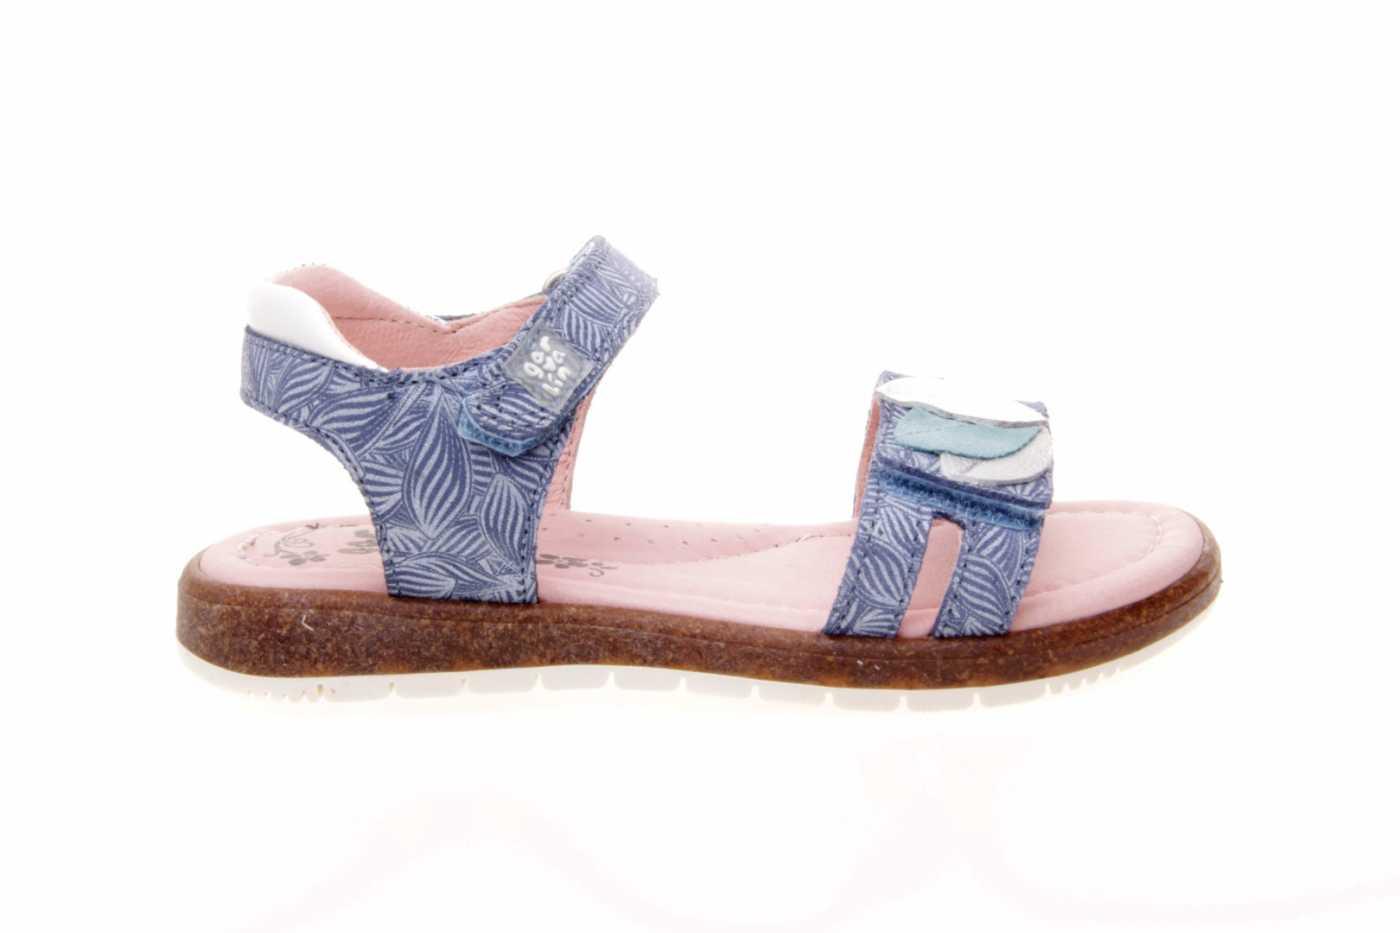 Joven Marino Zapato Niña Azul Sandalia Comprar Color Estilo Tipo A34jR5L